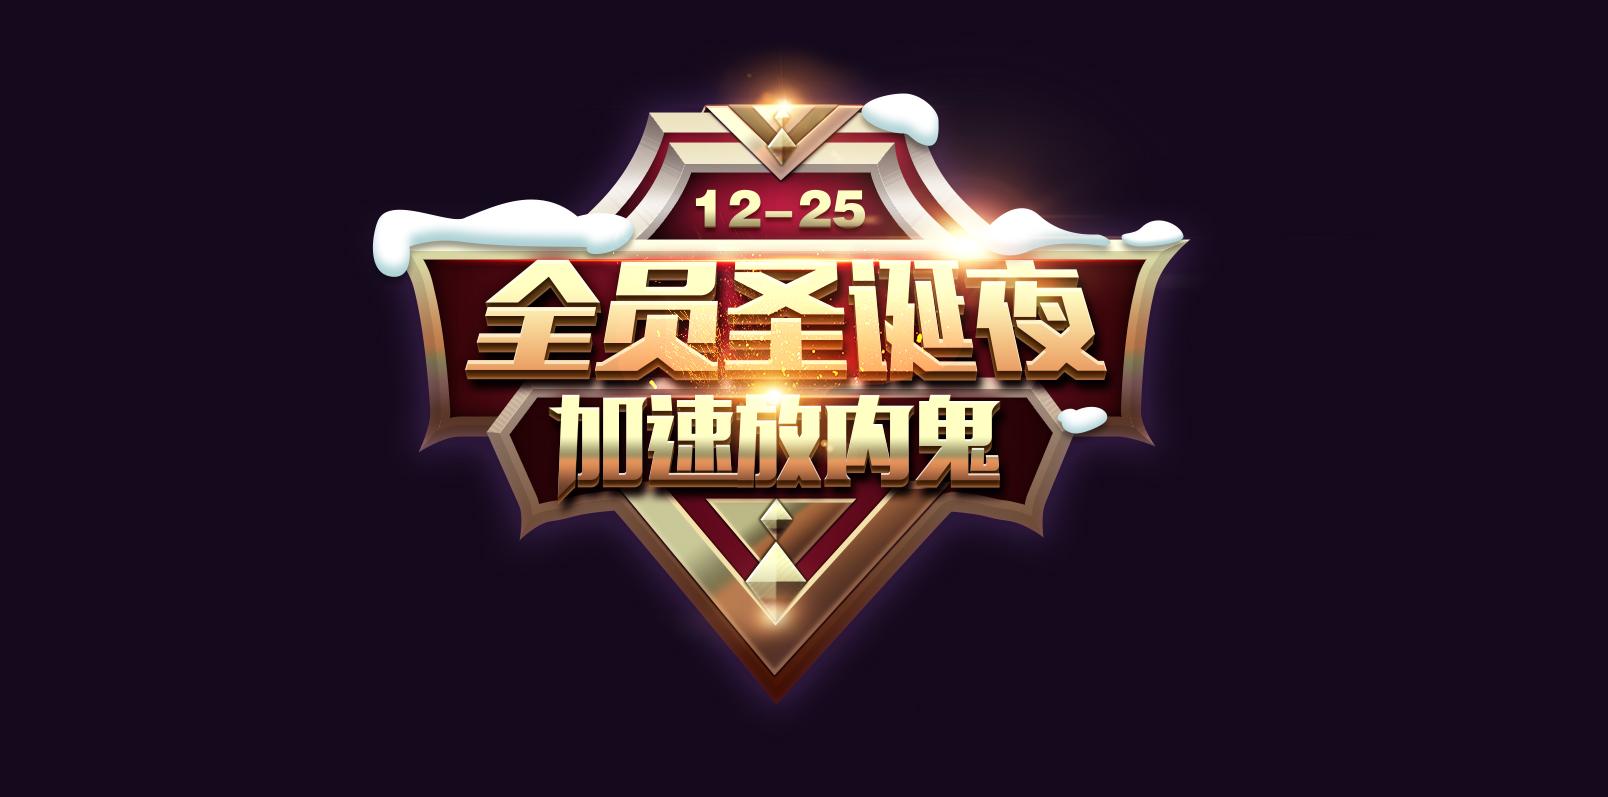 全�9/&��/9.�l#�i�_为湖南卫视《全员加速中》圣诞做得宣传海报字体设计之一